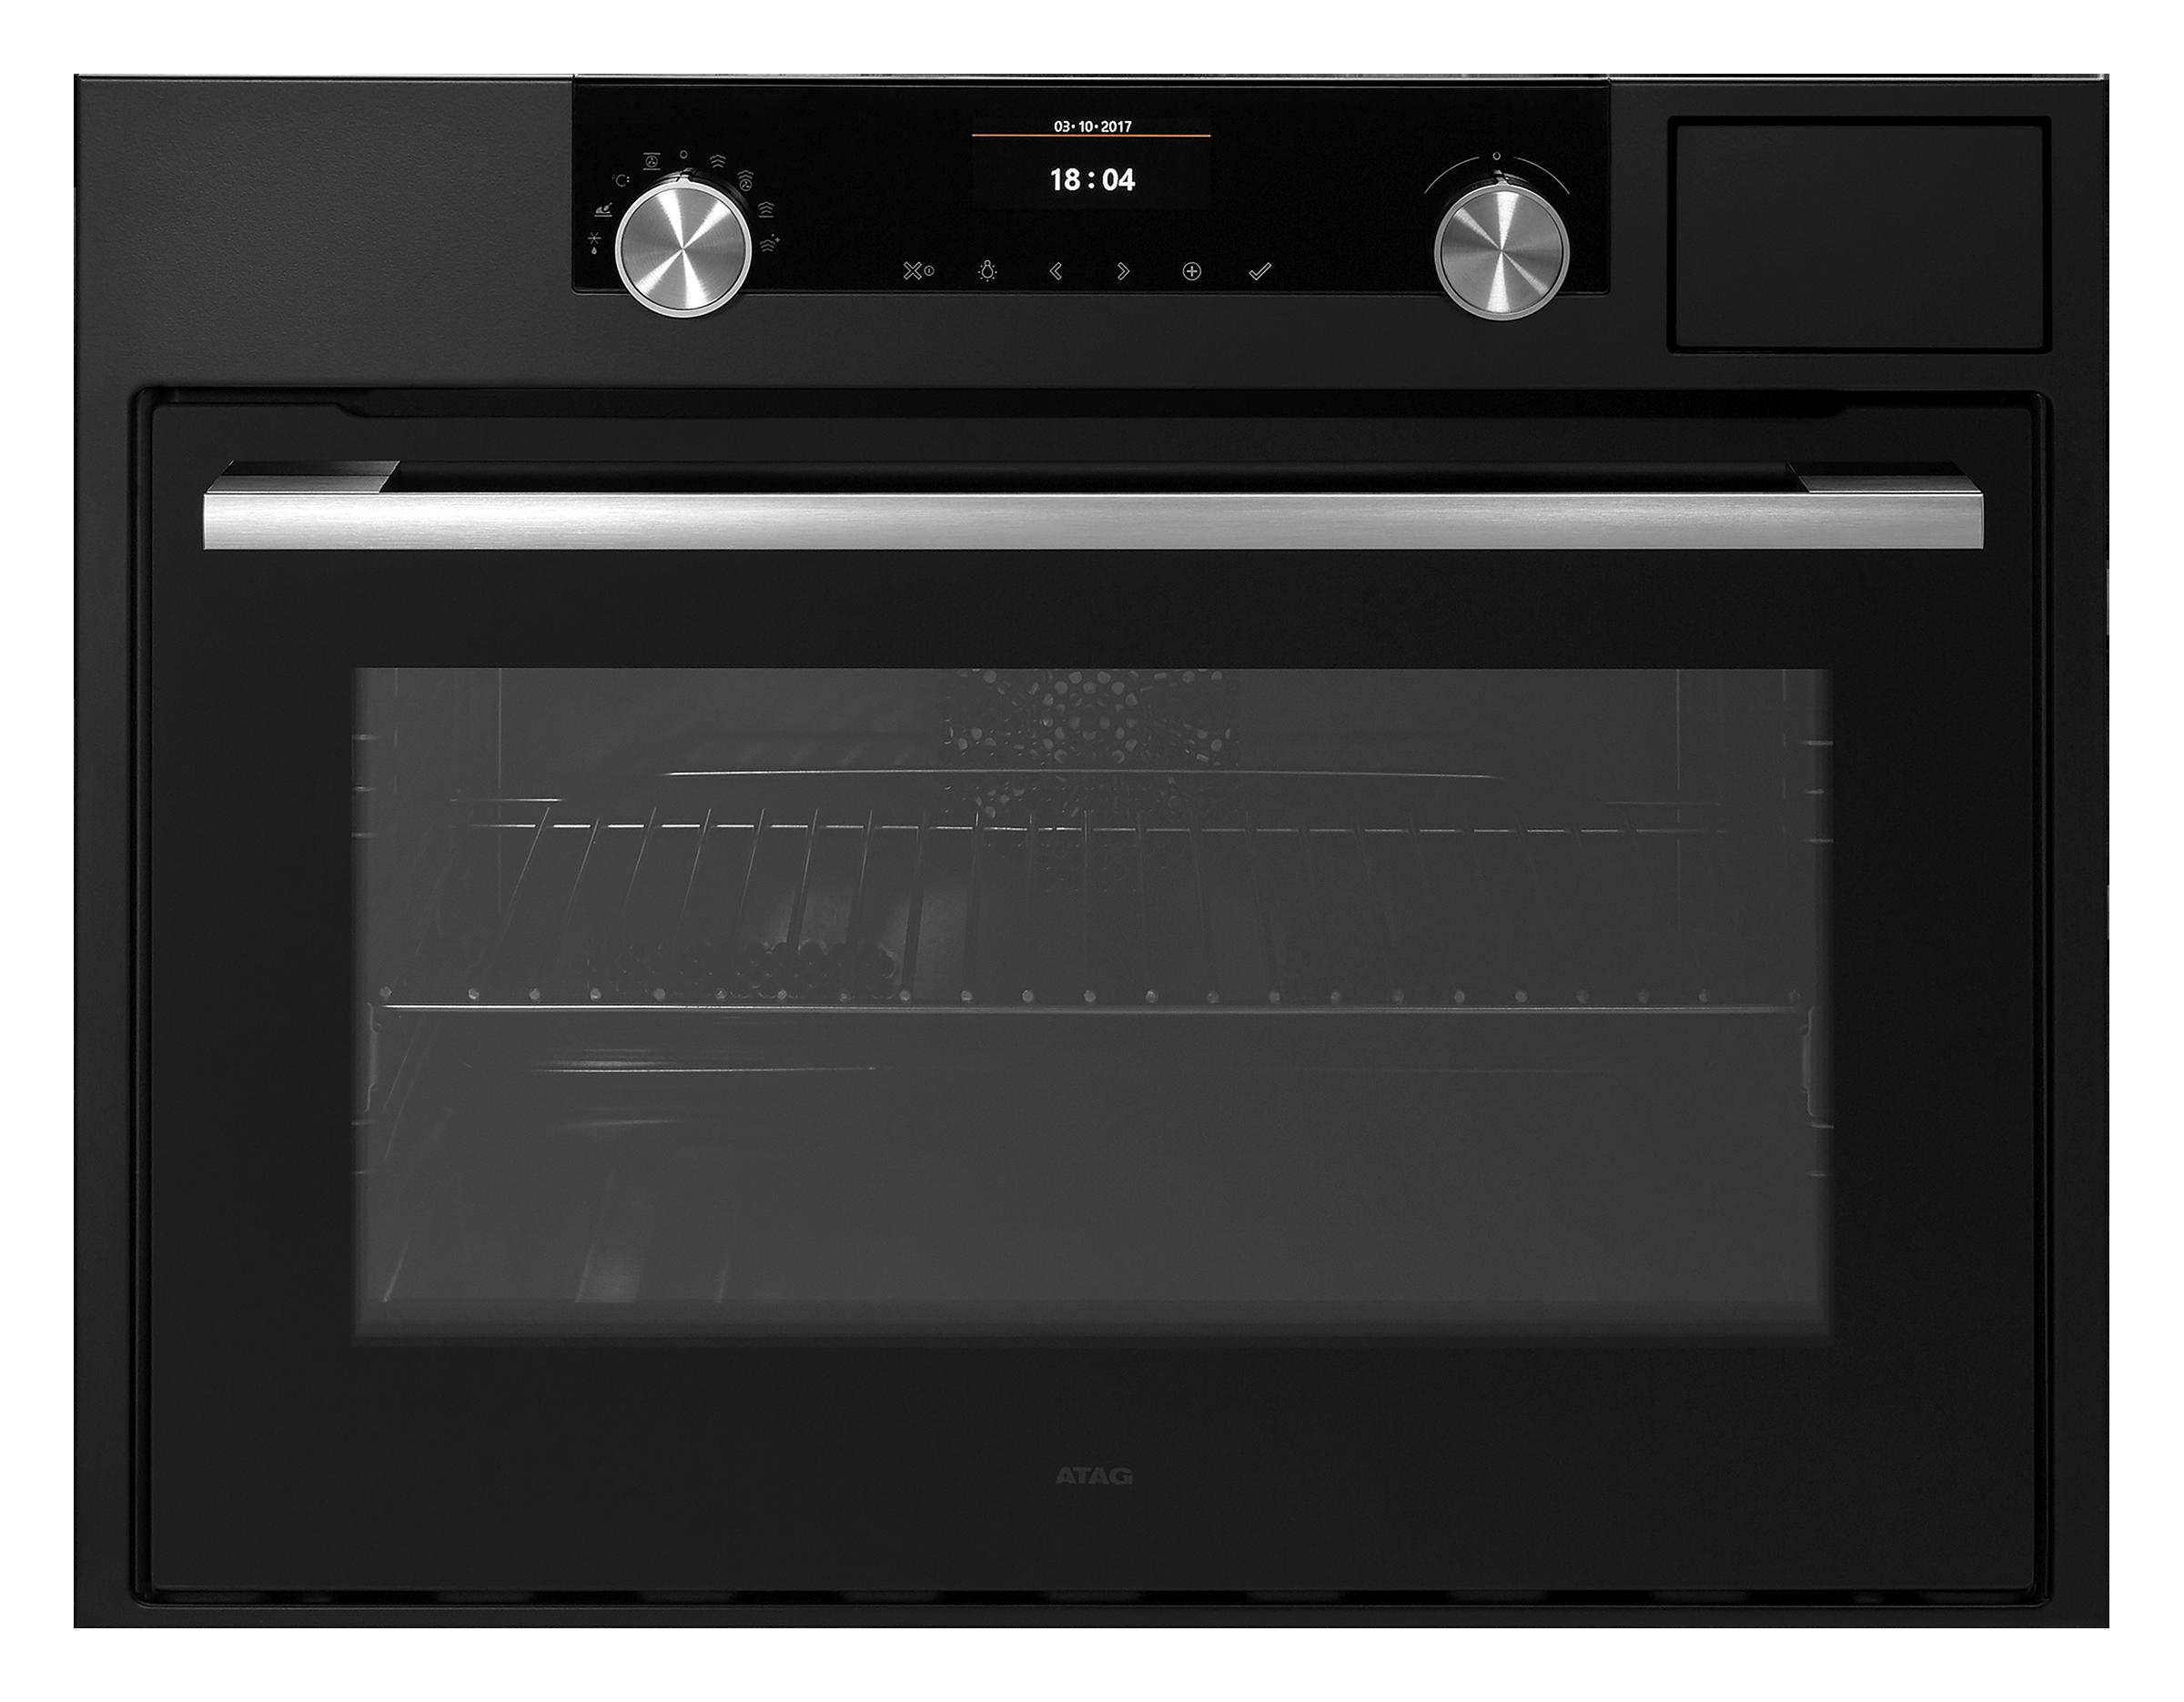 Cs4692c combi stoomoven met tft display 2.9 45 cm